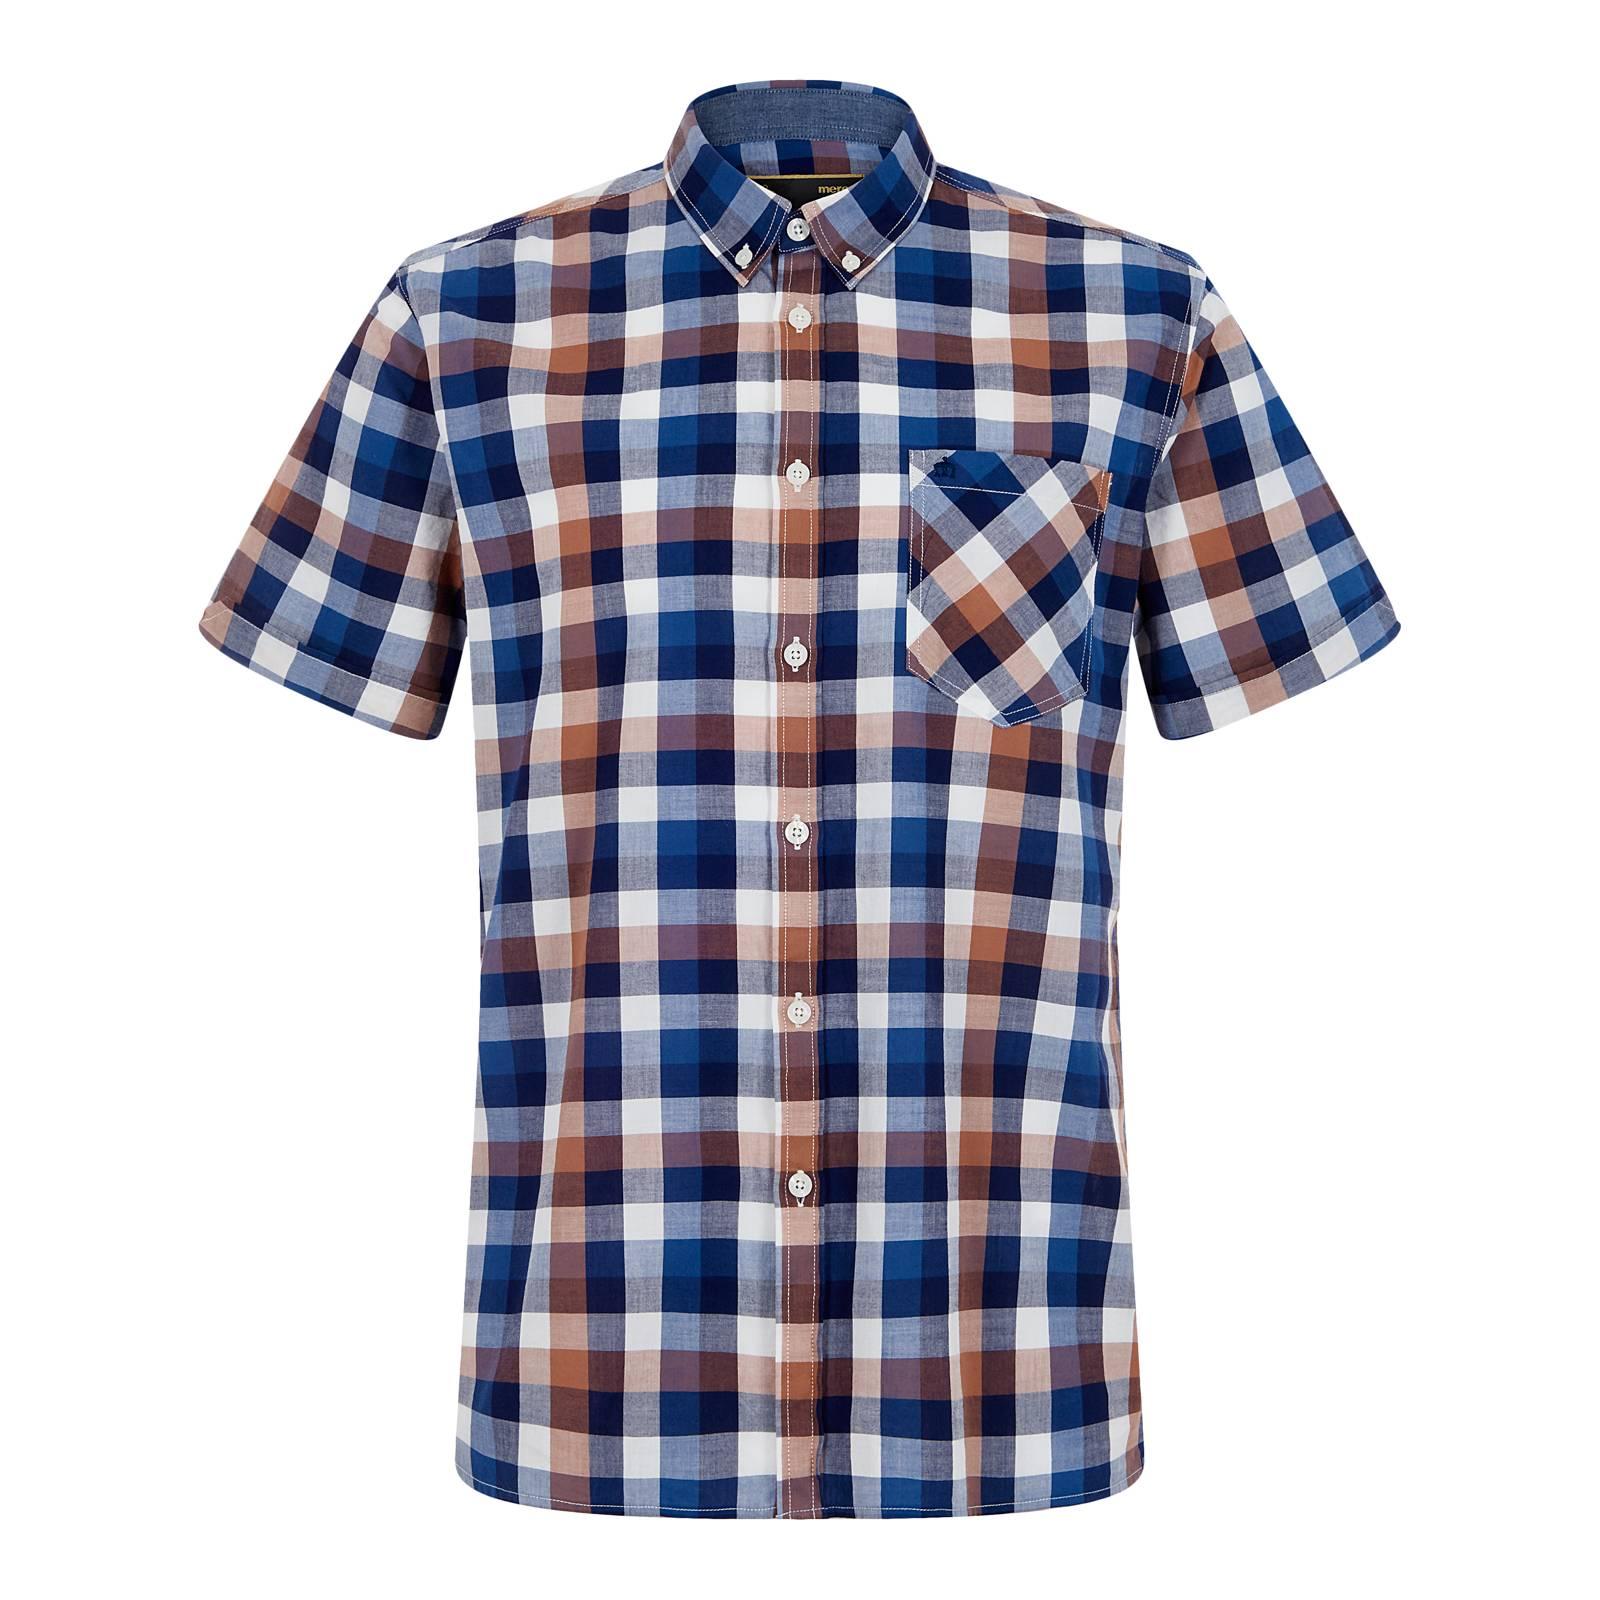 Рубашка AshfordСлайдер на главной<br>Мужская рубашка с коротким рукавом, пошитая из тонкого сорочечного хлопка, – первоклассной «дышащей» ткани (легкой, но при этом очень прочной), долговечной, немнущейся и неприхотливой в уходе. Крупный клетчатый узор, выполненный в приятной и сбалансированной цветовой гамме, навеян тенденциями современной моды и выглядит весьма актуально. Фирменный для бренда button-down воротник на пуговицах имеет аккуратный фасон и хорошо сочетается с легким трикотажем, весенними парками, ветровками и Харрингтоном. Рукава рубашки немного заужены для прилегания. Её можно носить как с кроссовками, так и с относительно строгой обувью, например, лоферами или топсайдерами, комбинируя с чиносами или шортами; брюками Sta-Prest или джинсами; хипстерским рюкзаком или ретро сумкой через плечо. Брендирована логотипом Корона на нагрудном кармане.<br><br>Артикул: 1517112<br>Материал: 100% хлопок<br>Цвет: коричневый с синим<br>Пол: Мужской